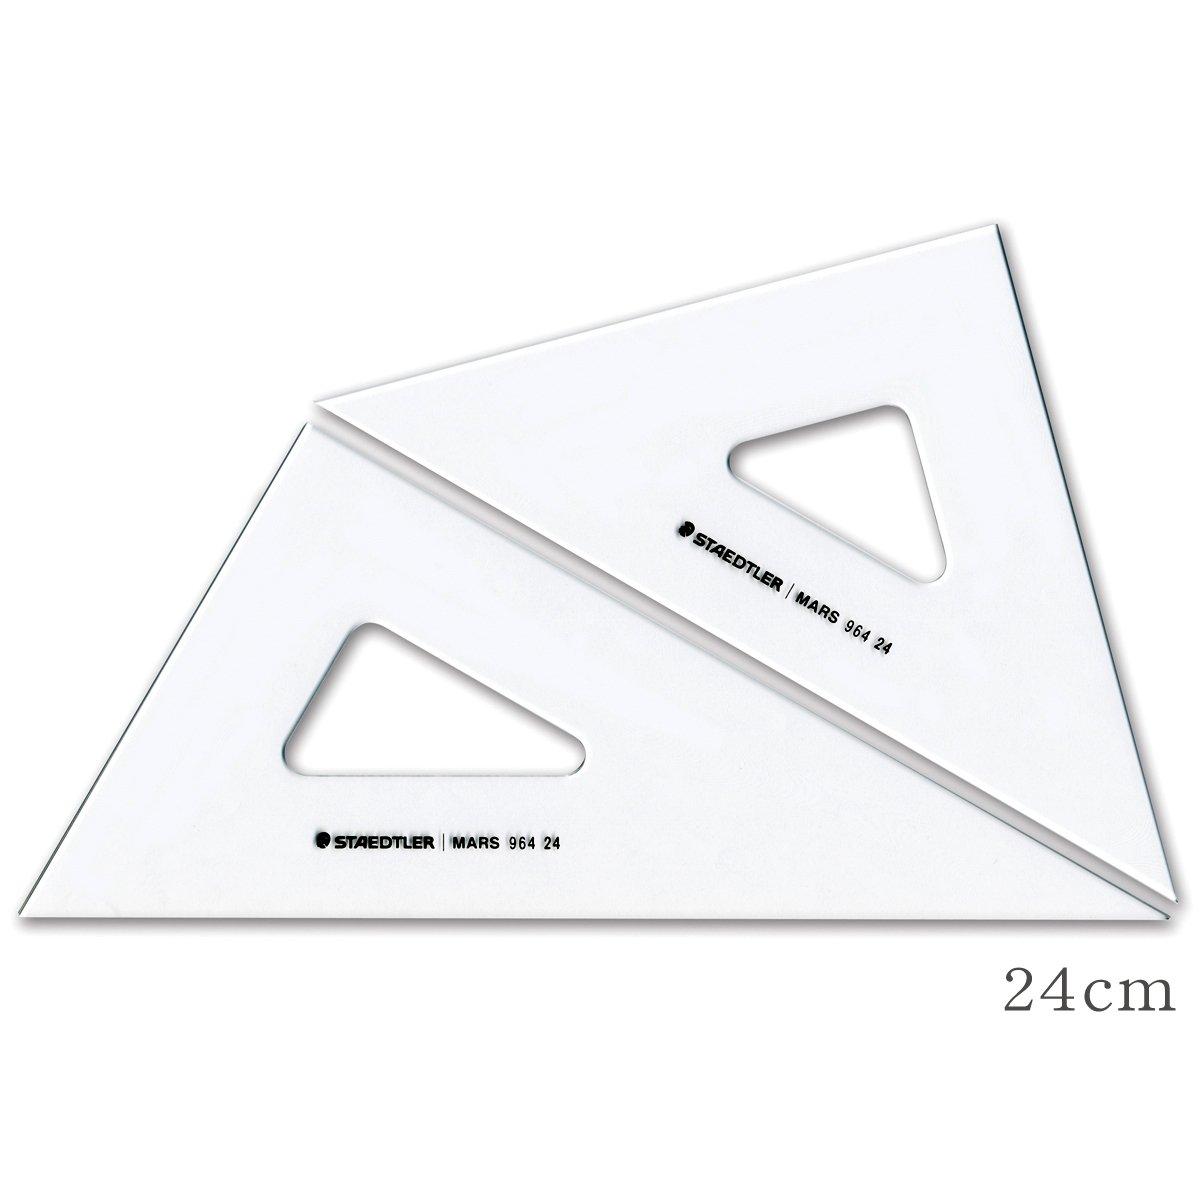 STAEDTLER Mars 964 24 triangle ruler 24CM (japan import)